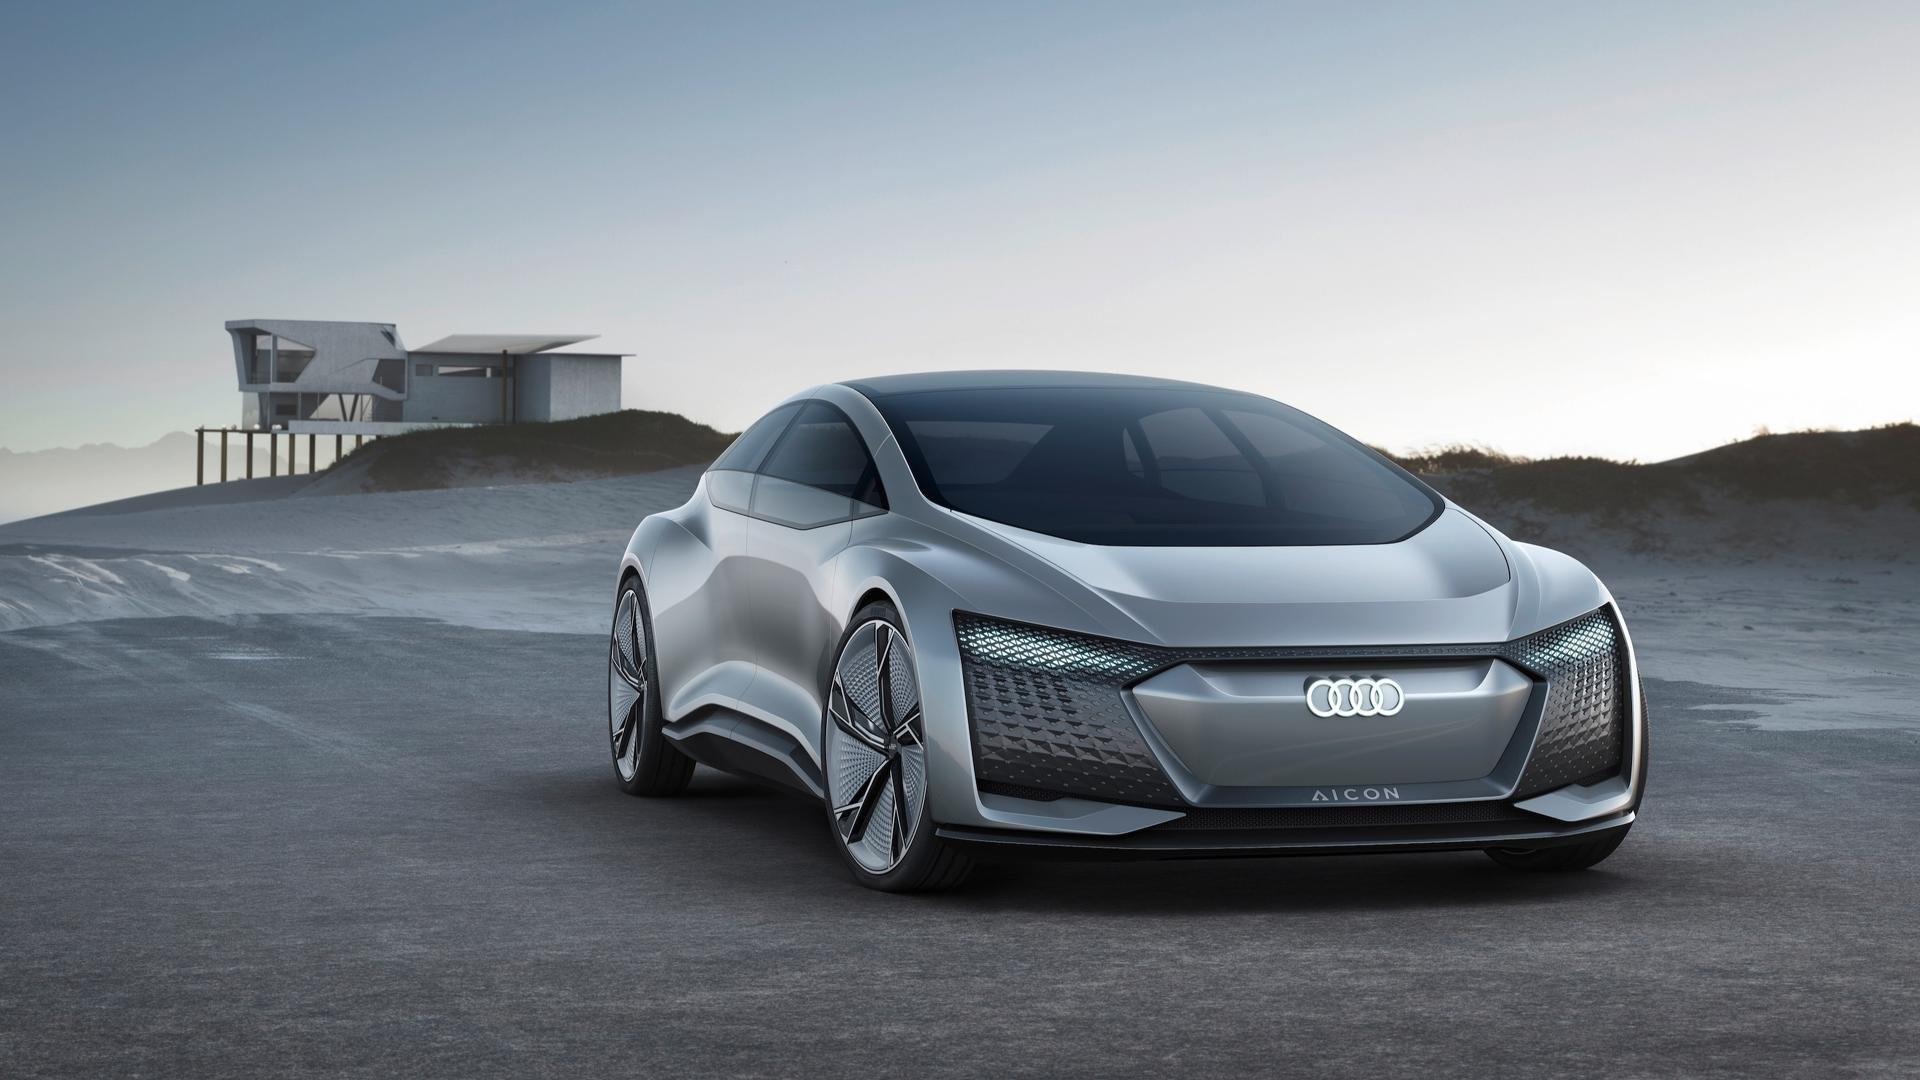 Ауди представила собственный беспилотный концептуальный автомобиль без руля ипедалей